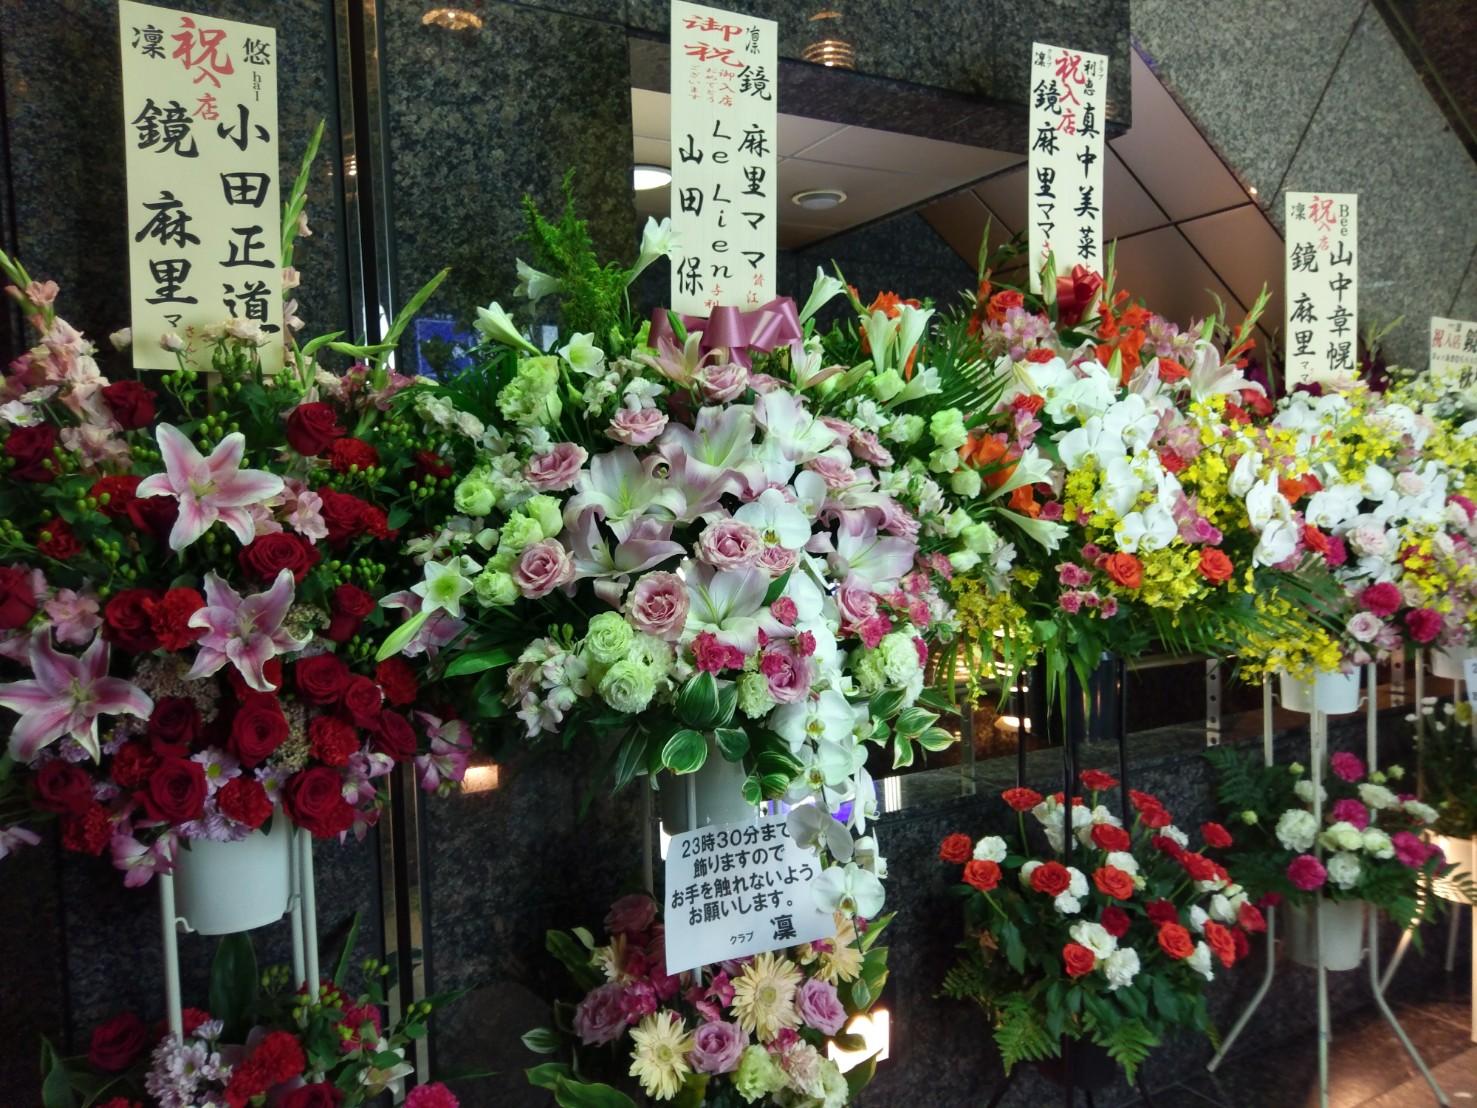 銀座8丁目のクラブ「凜」鏡麻里ママ、ご入店おめでとうございます!